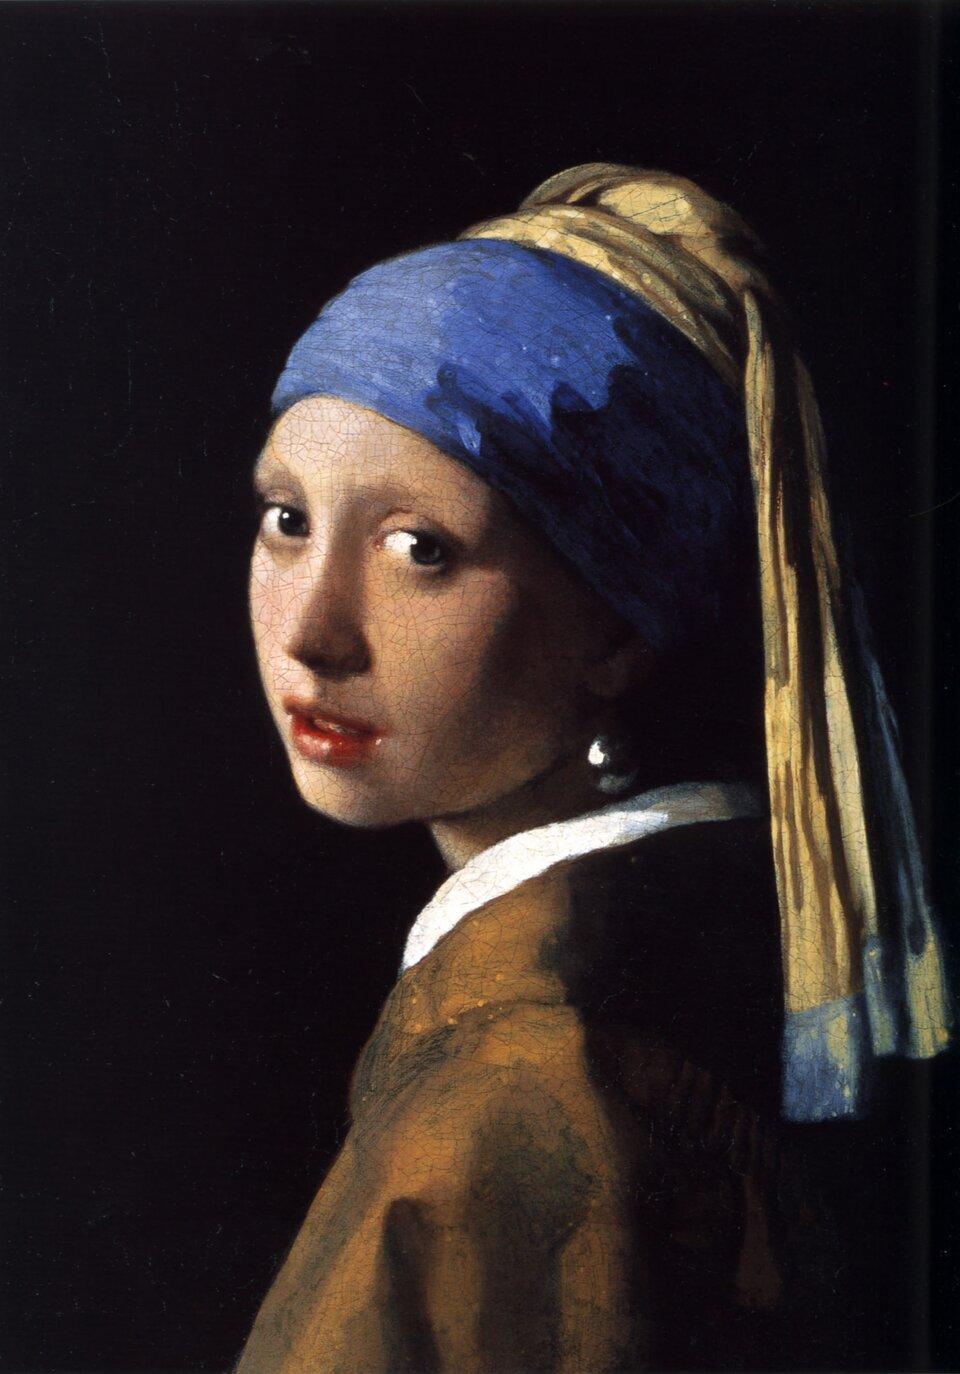 Dziewczyna zperłą Źródło: Jan Vermeer, Dziewczyna zperłą, ok. 1665, Dziewczyna zperłą, Royal Picture Gallery Mauritshuis, Holandia, domena publiczna.